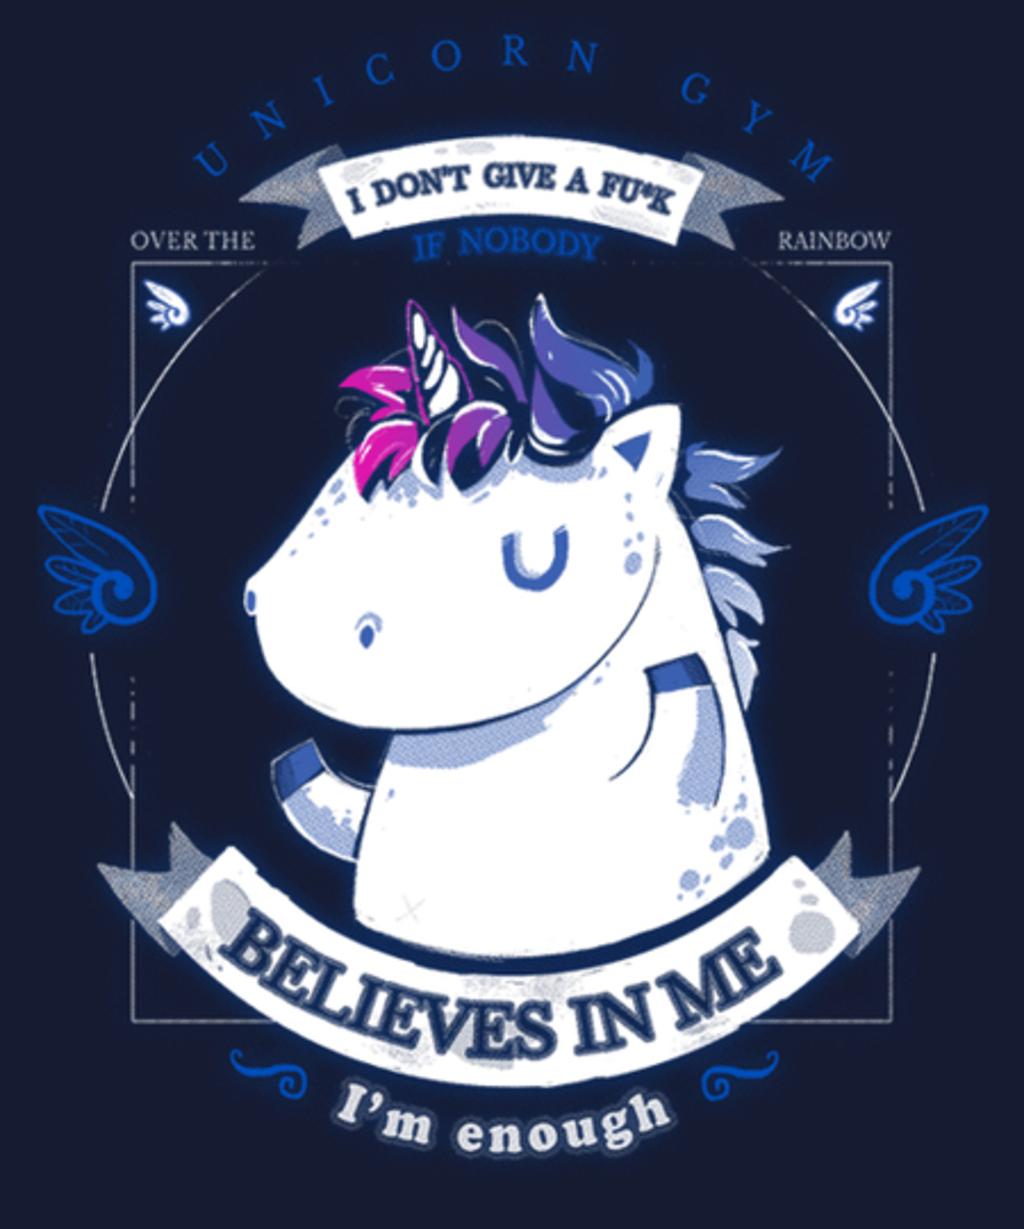 Qwertee: Believe in yourself!